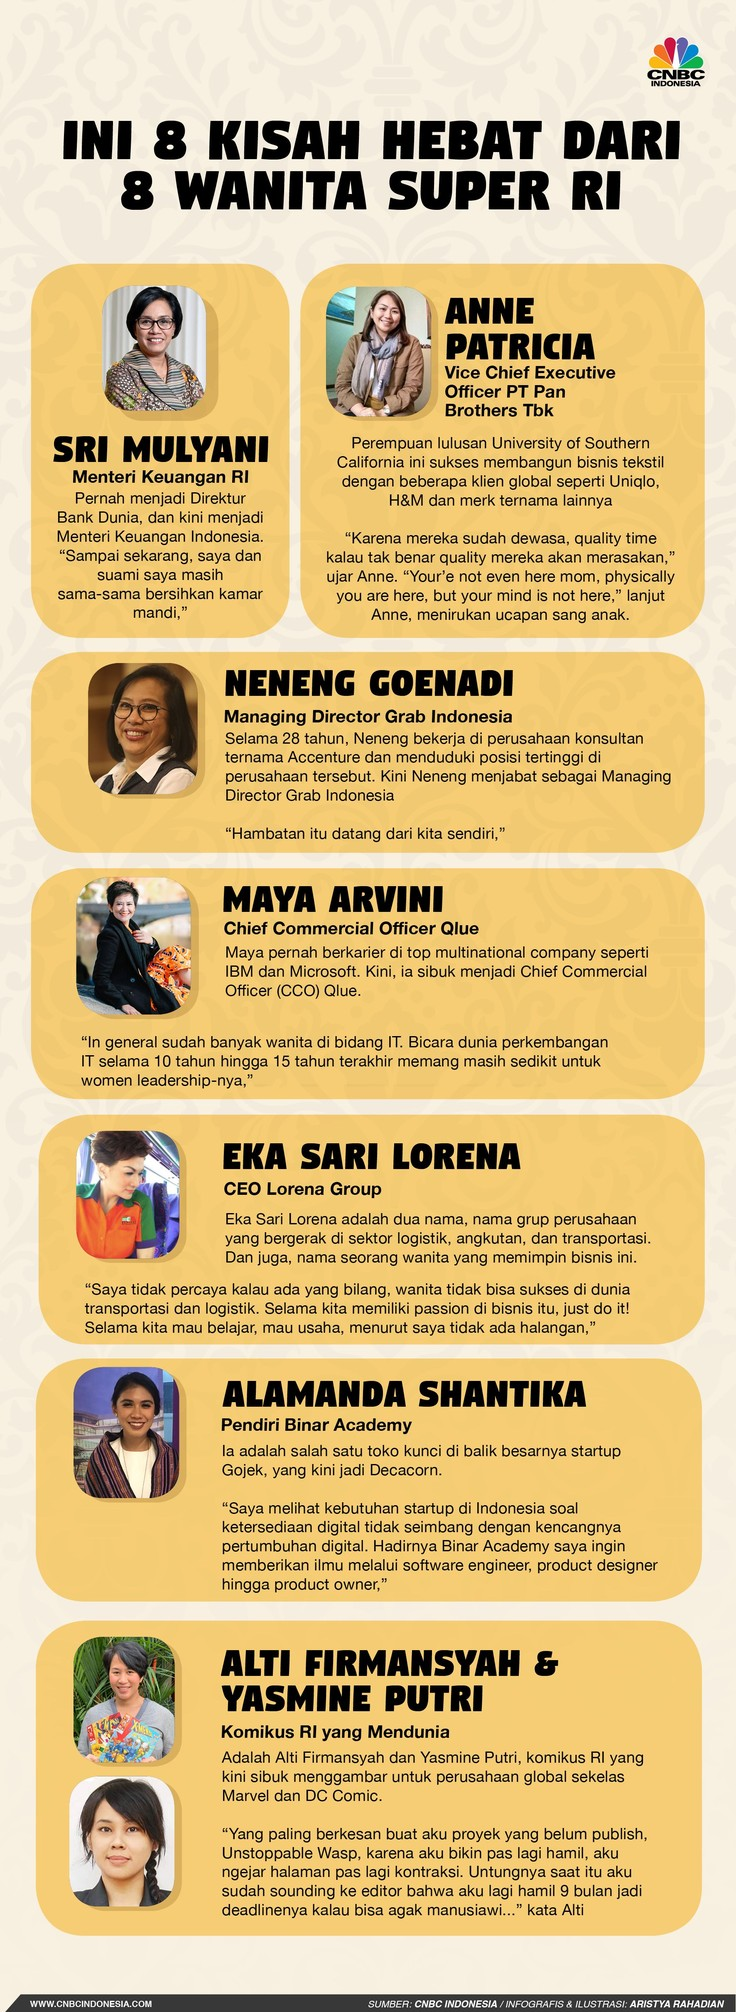 CNBC Indonesia membuat ulasan khusus tentang sosok para perempuan super yang mencatat prestasi.